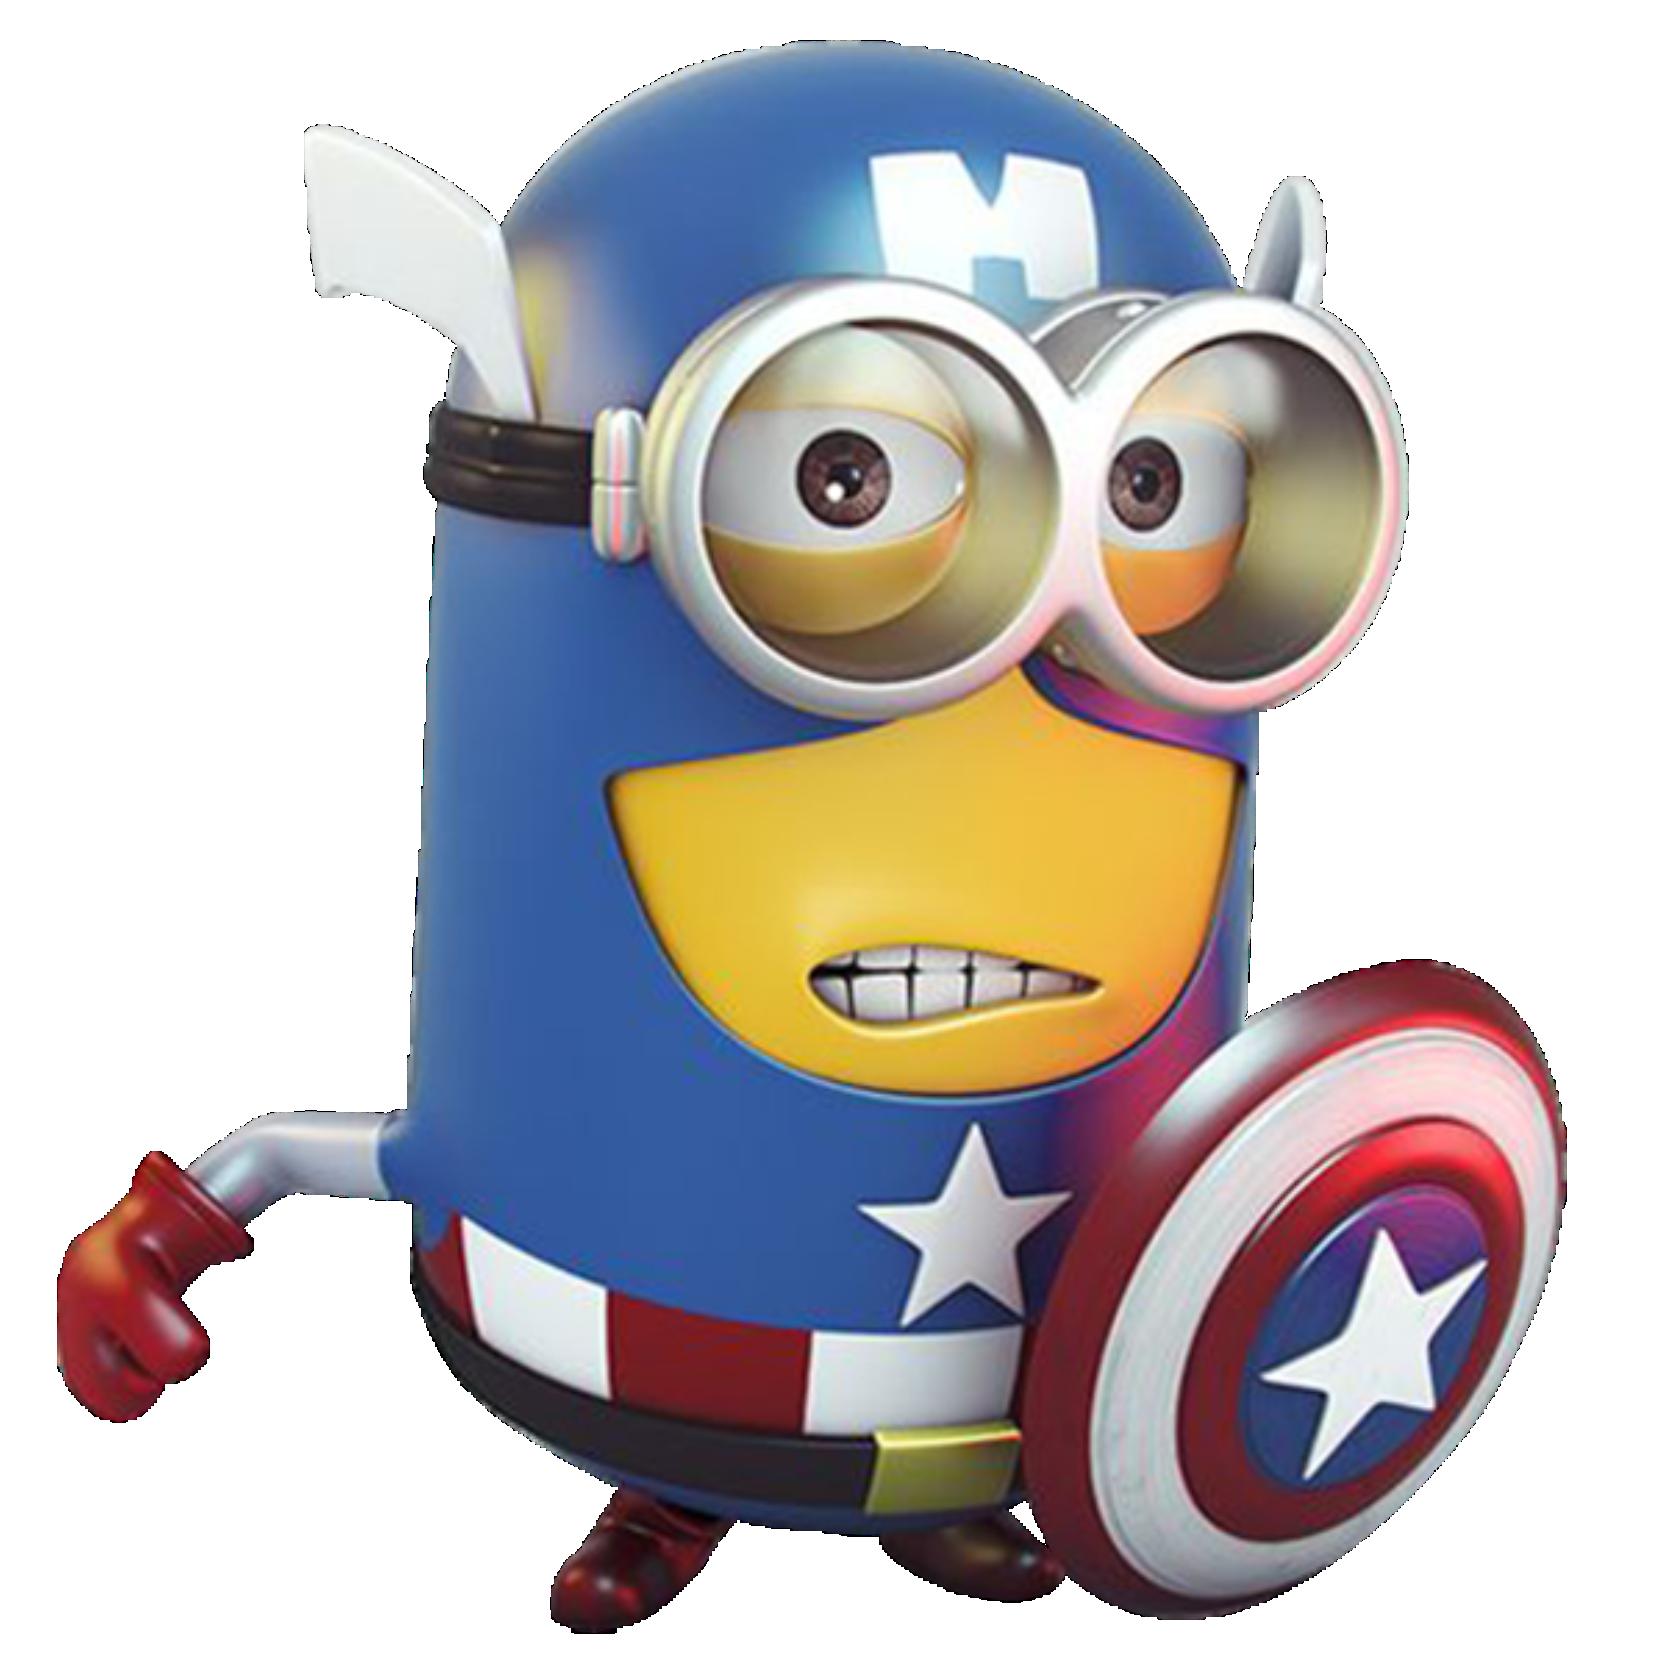 Meu Malvado Favorito - Minions Capitão América, evil favorite – minions, favorito del mal – minions, böser Favorit - Günstlinge